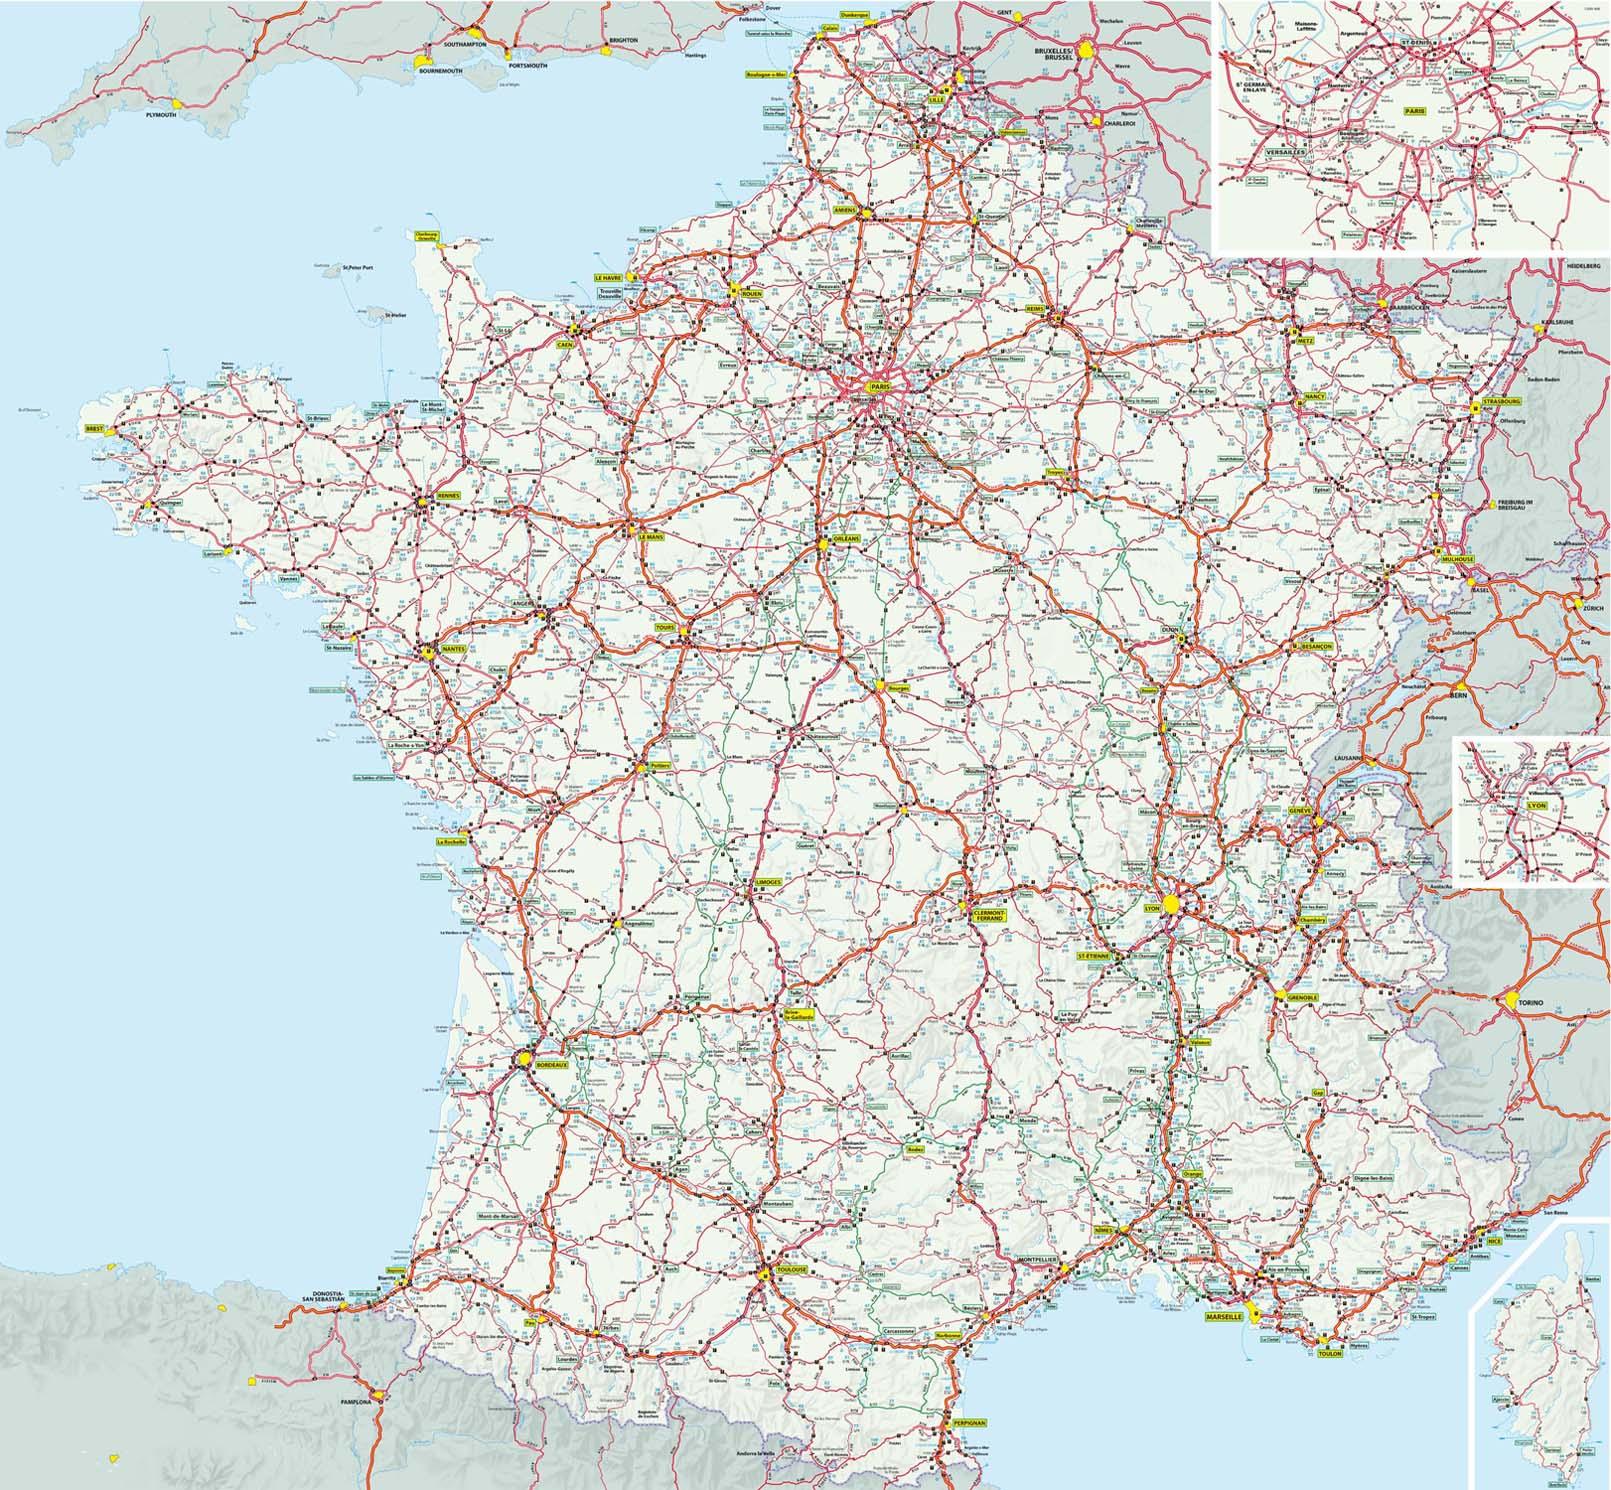 Dap Sas - Produits De La Categorie Cartes Geographiques destiné Grande Carte De France